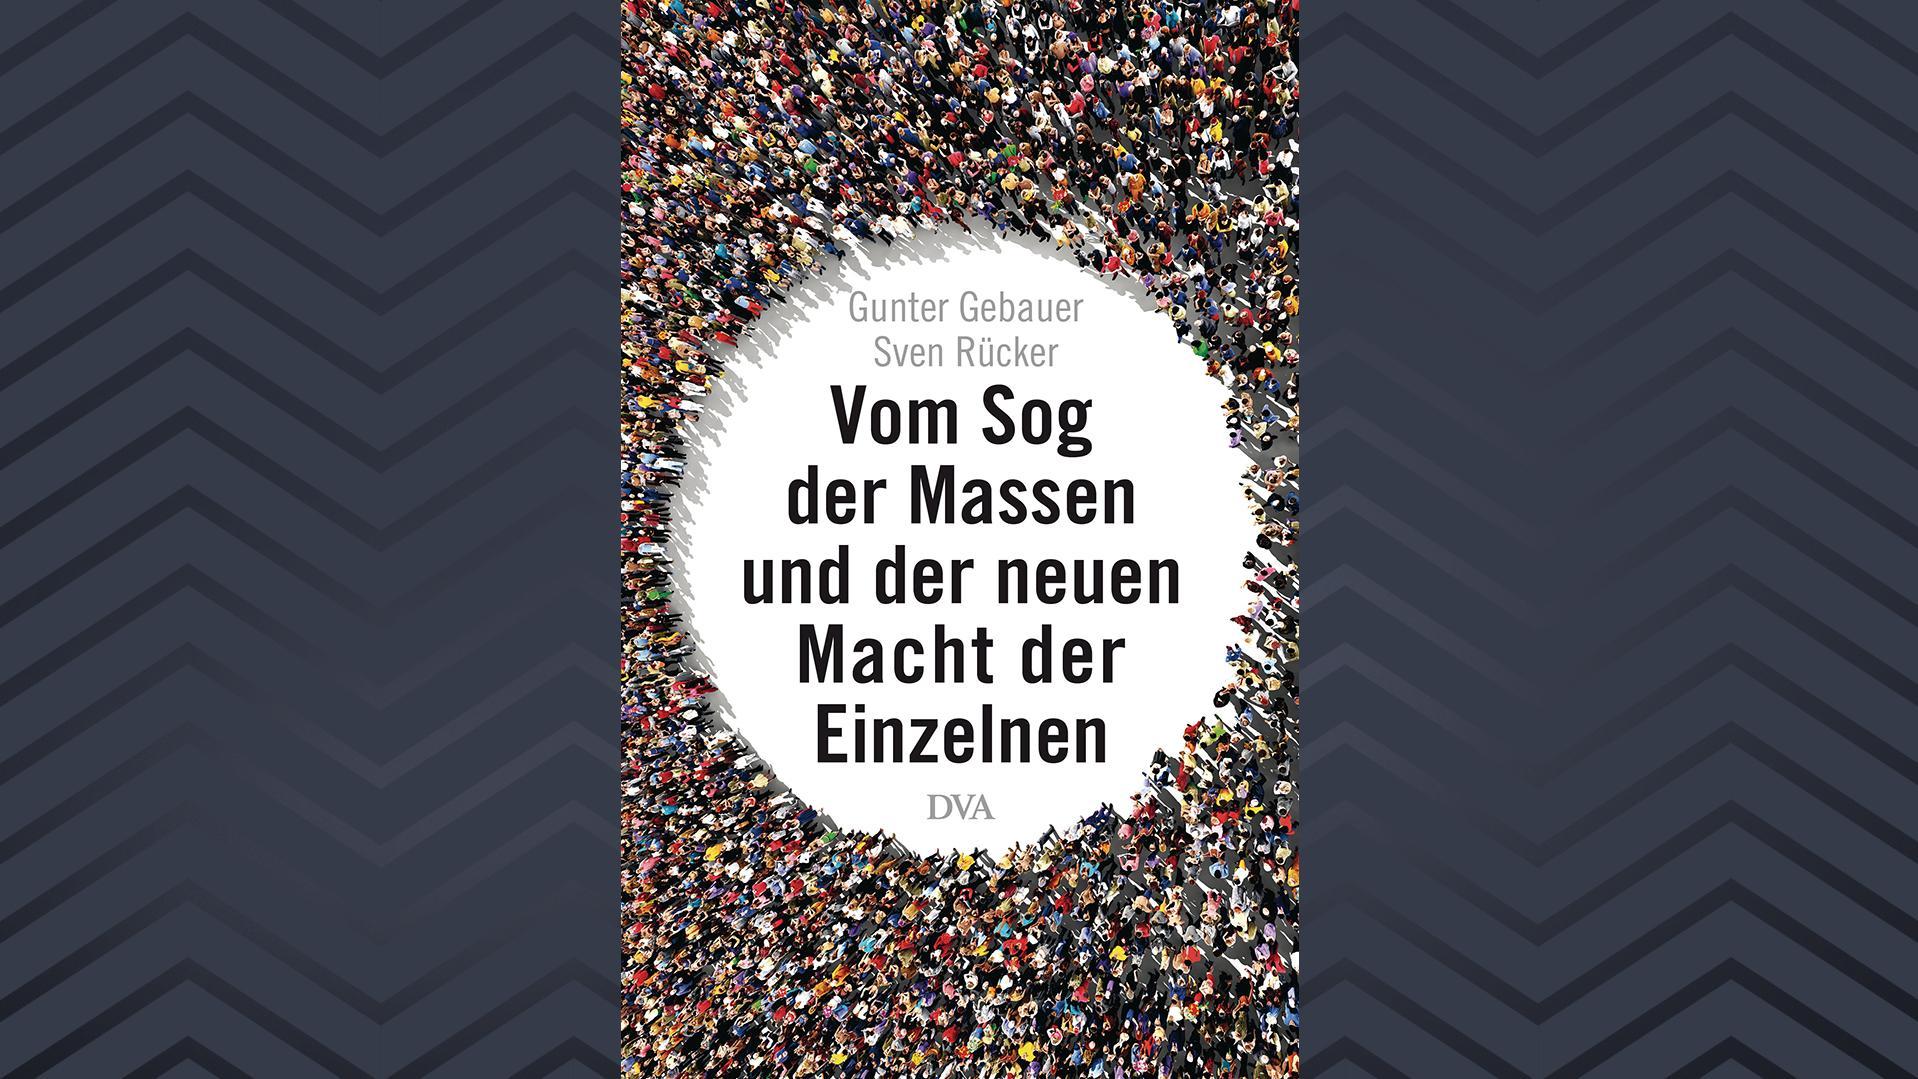 """Buchcover Gunter Gebauer/Sven Rücker, """"Vom Sog der Massen und der neuen Macht der Einzelnen"""""""